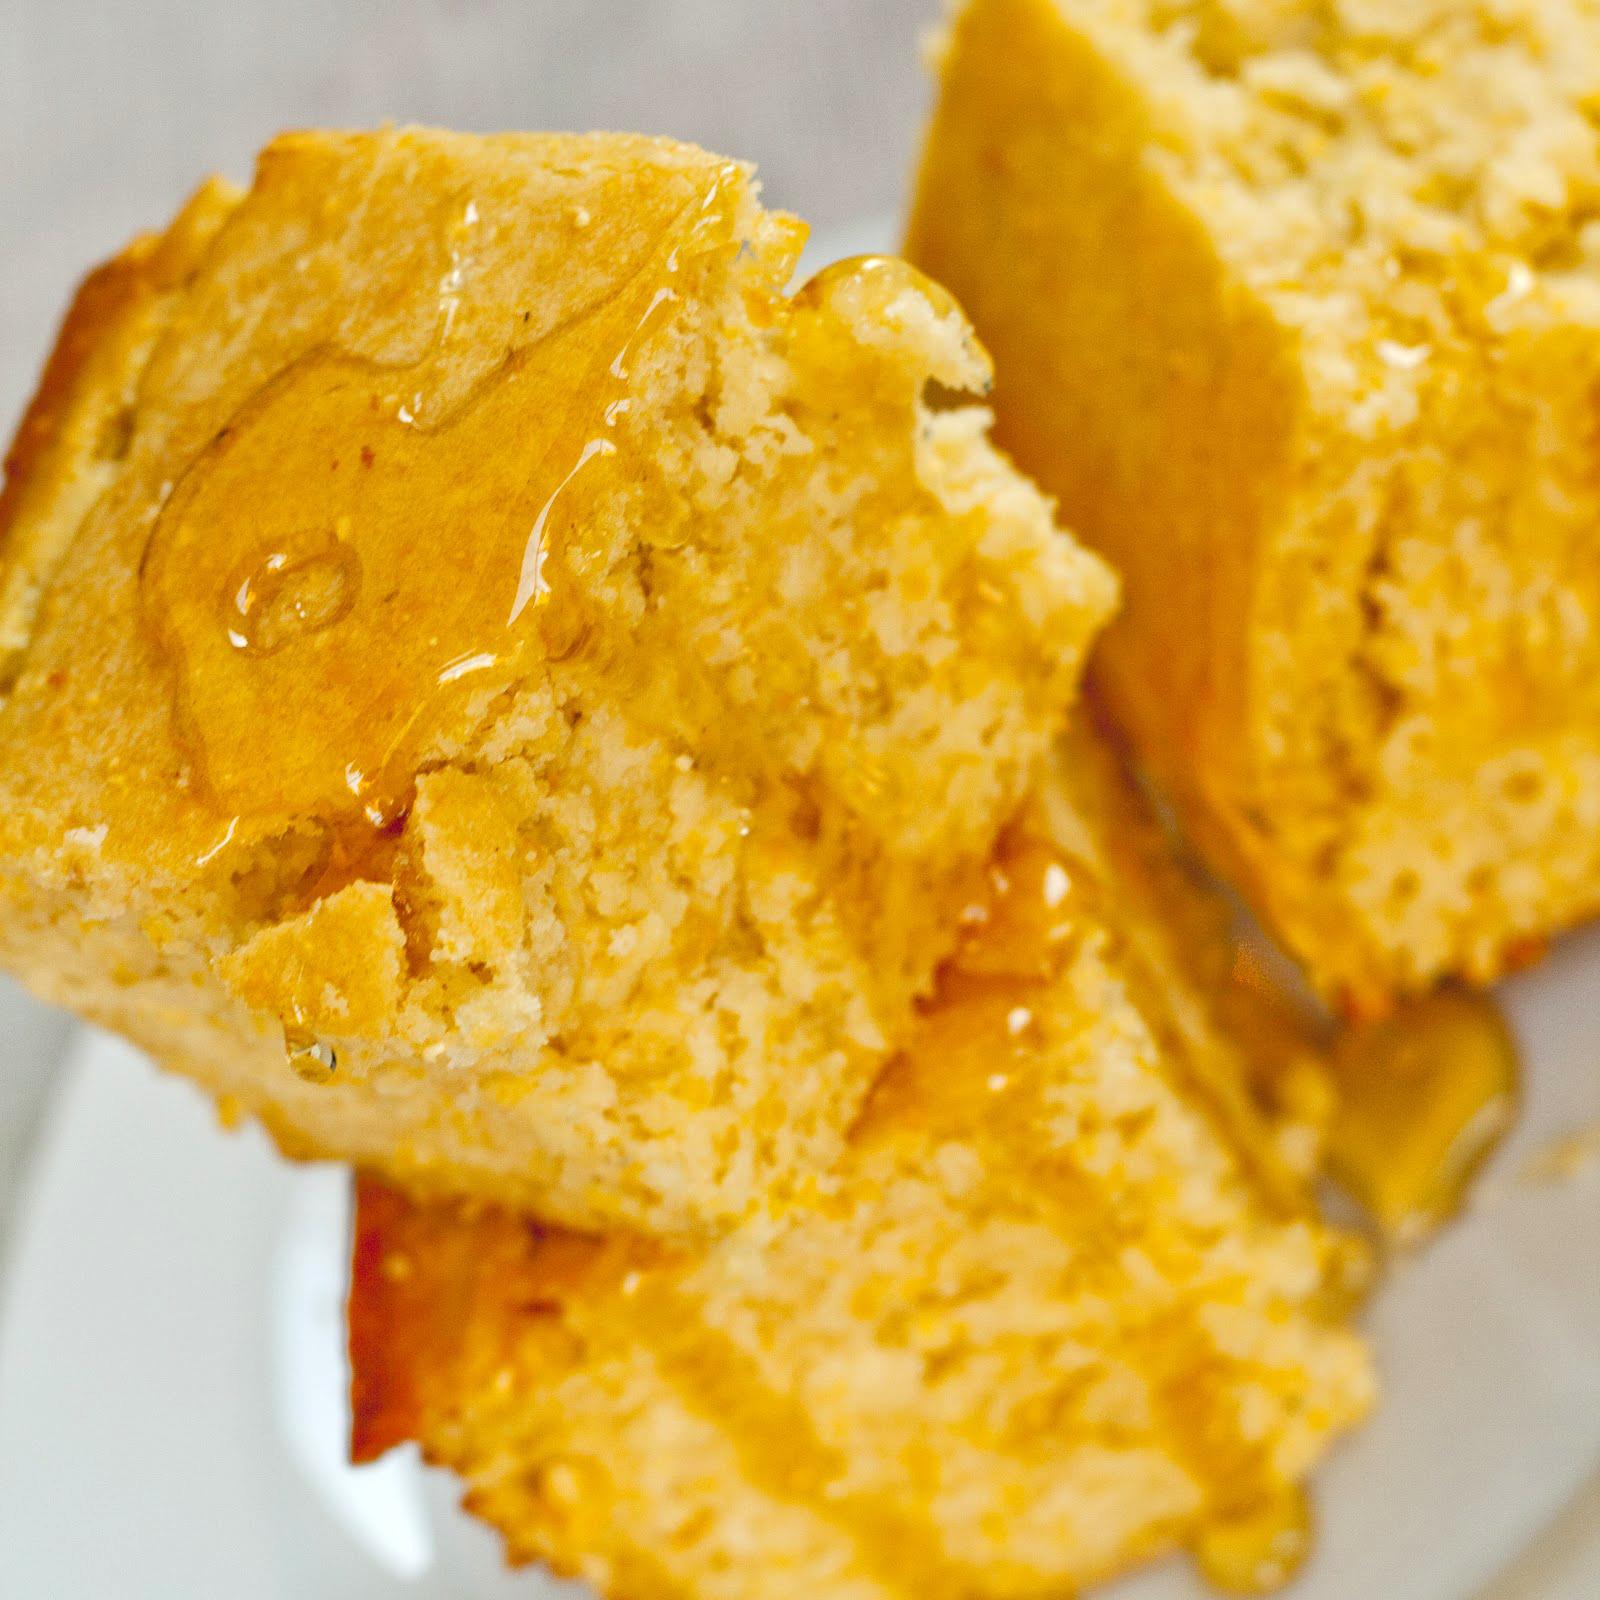 ... corn bread pudding potato stuffed corn bread basic buttermilk corn